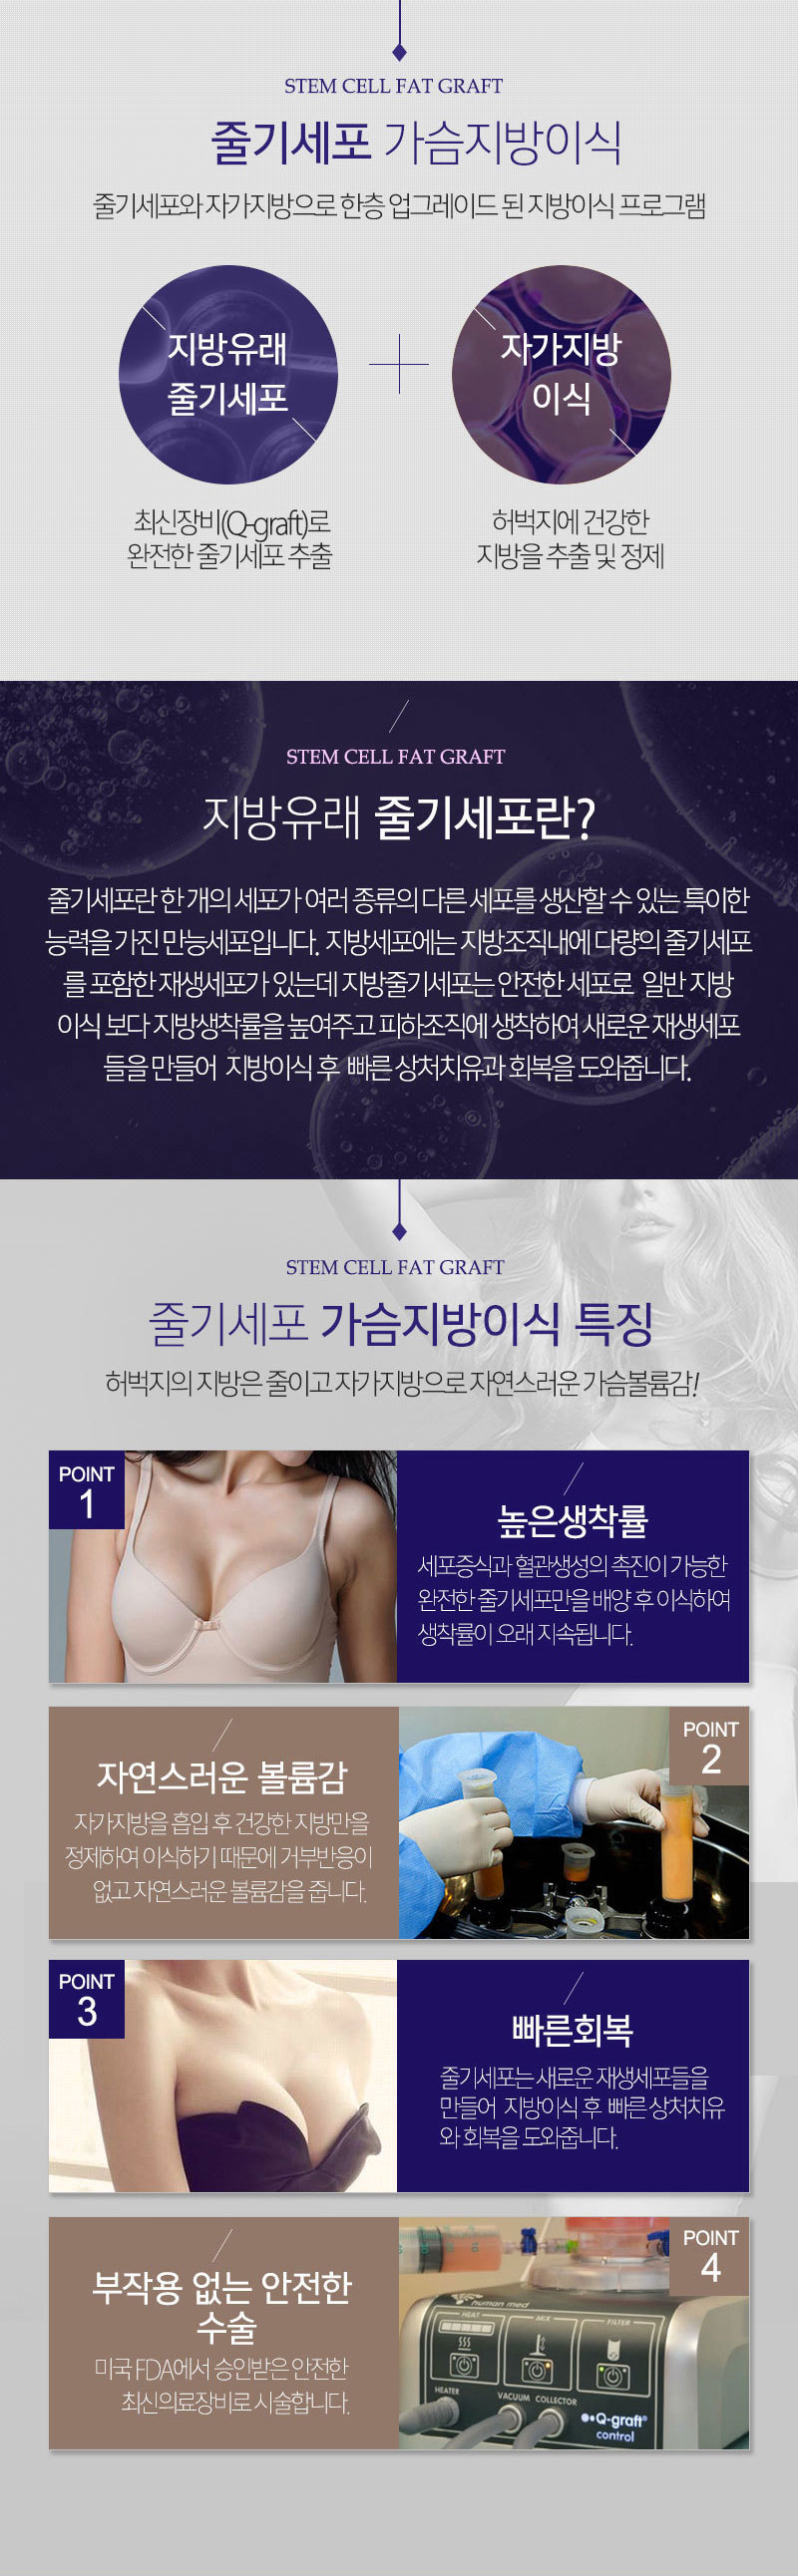 D event info 63ae795f46d972a079